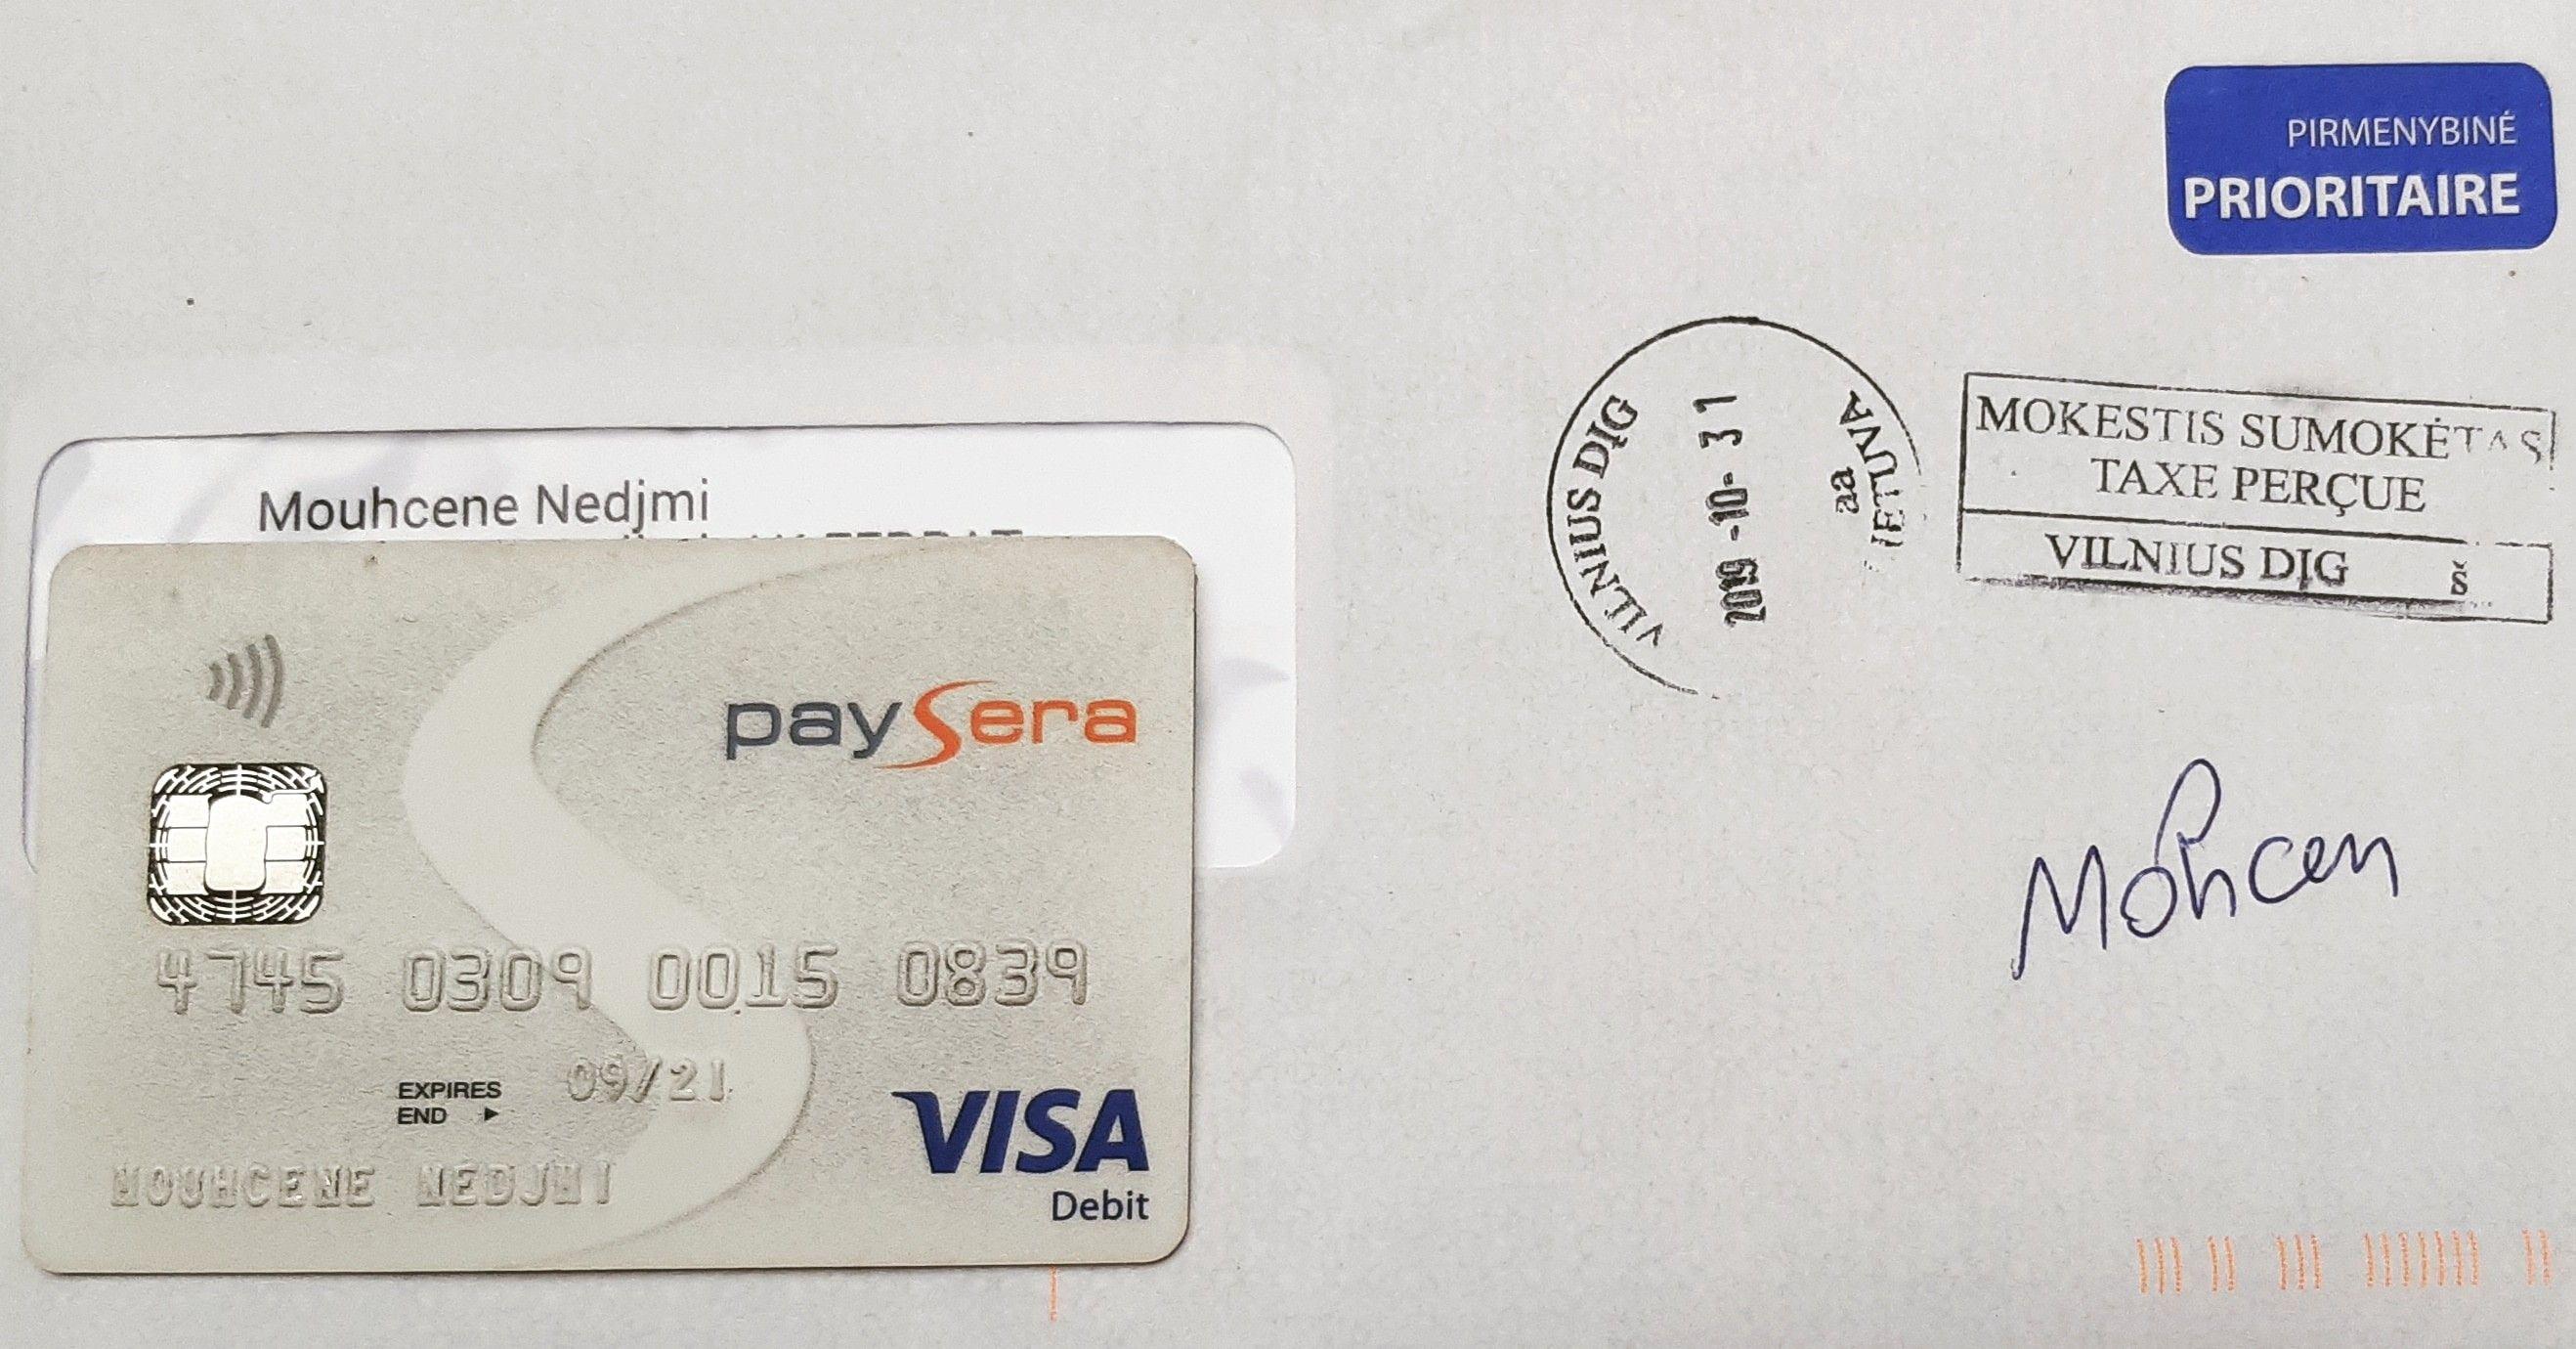 Visa Card Paysera فيزا كارد بايسيرا Visa Card Visa Debit